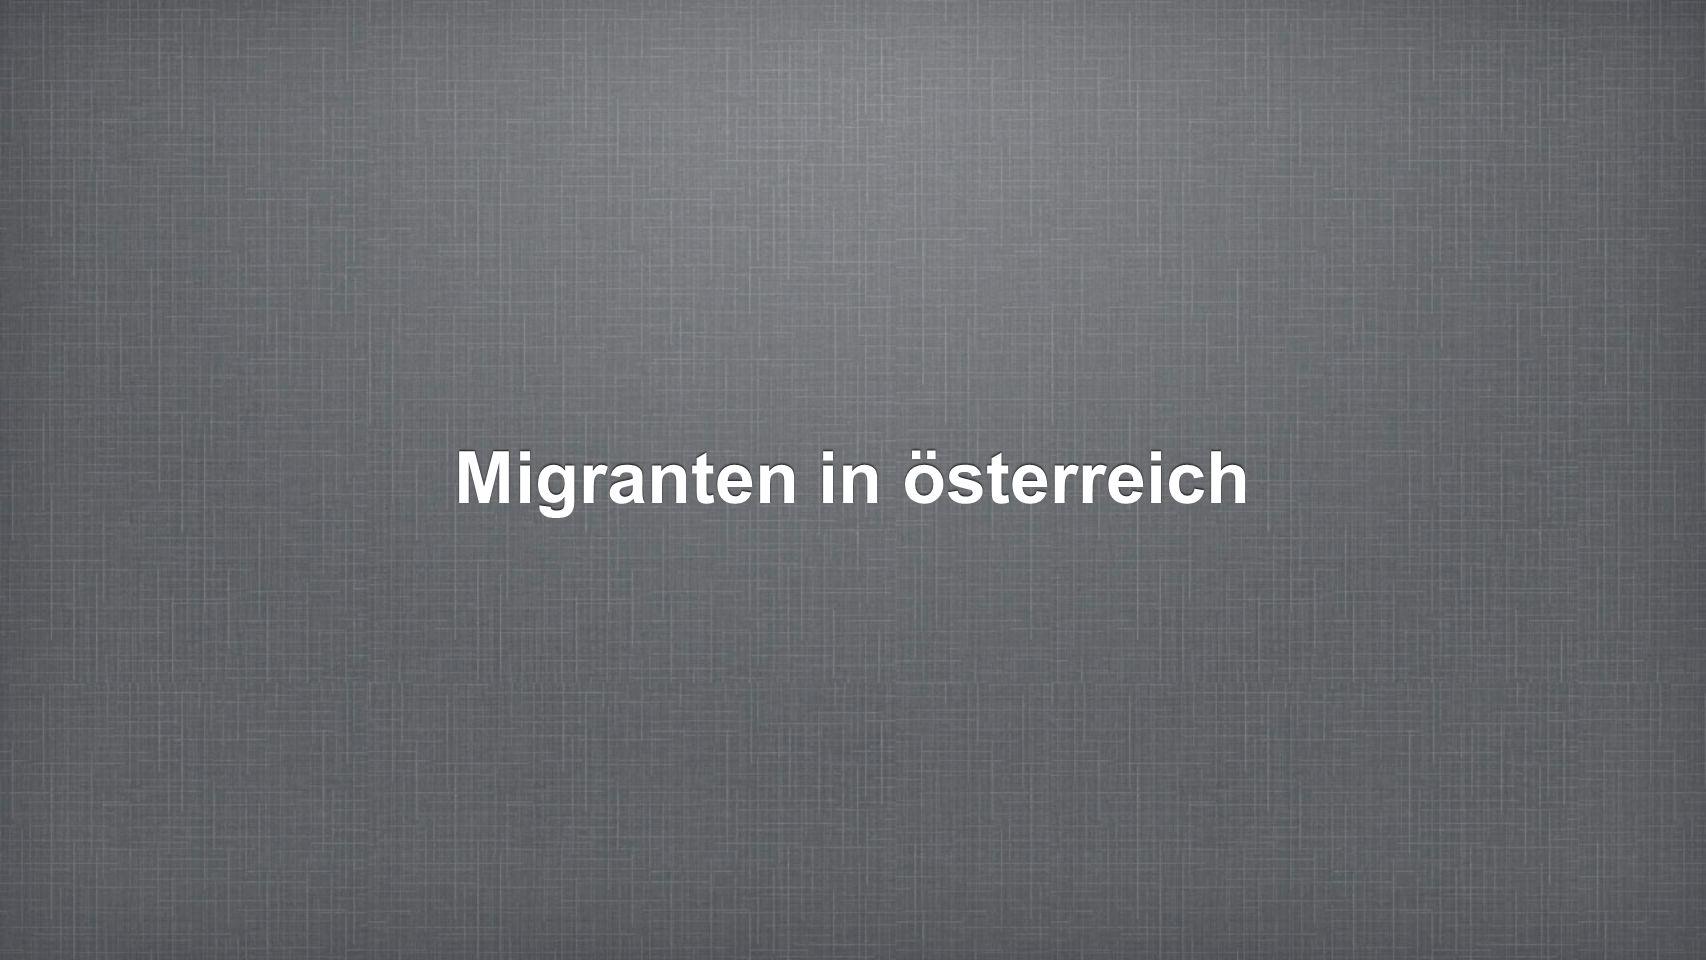 Migranten in österreich